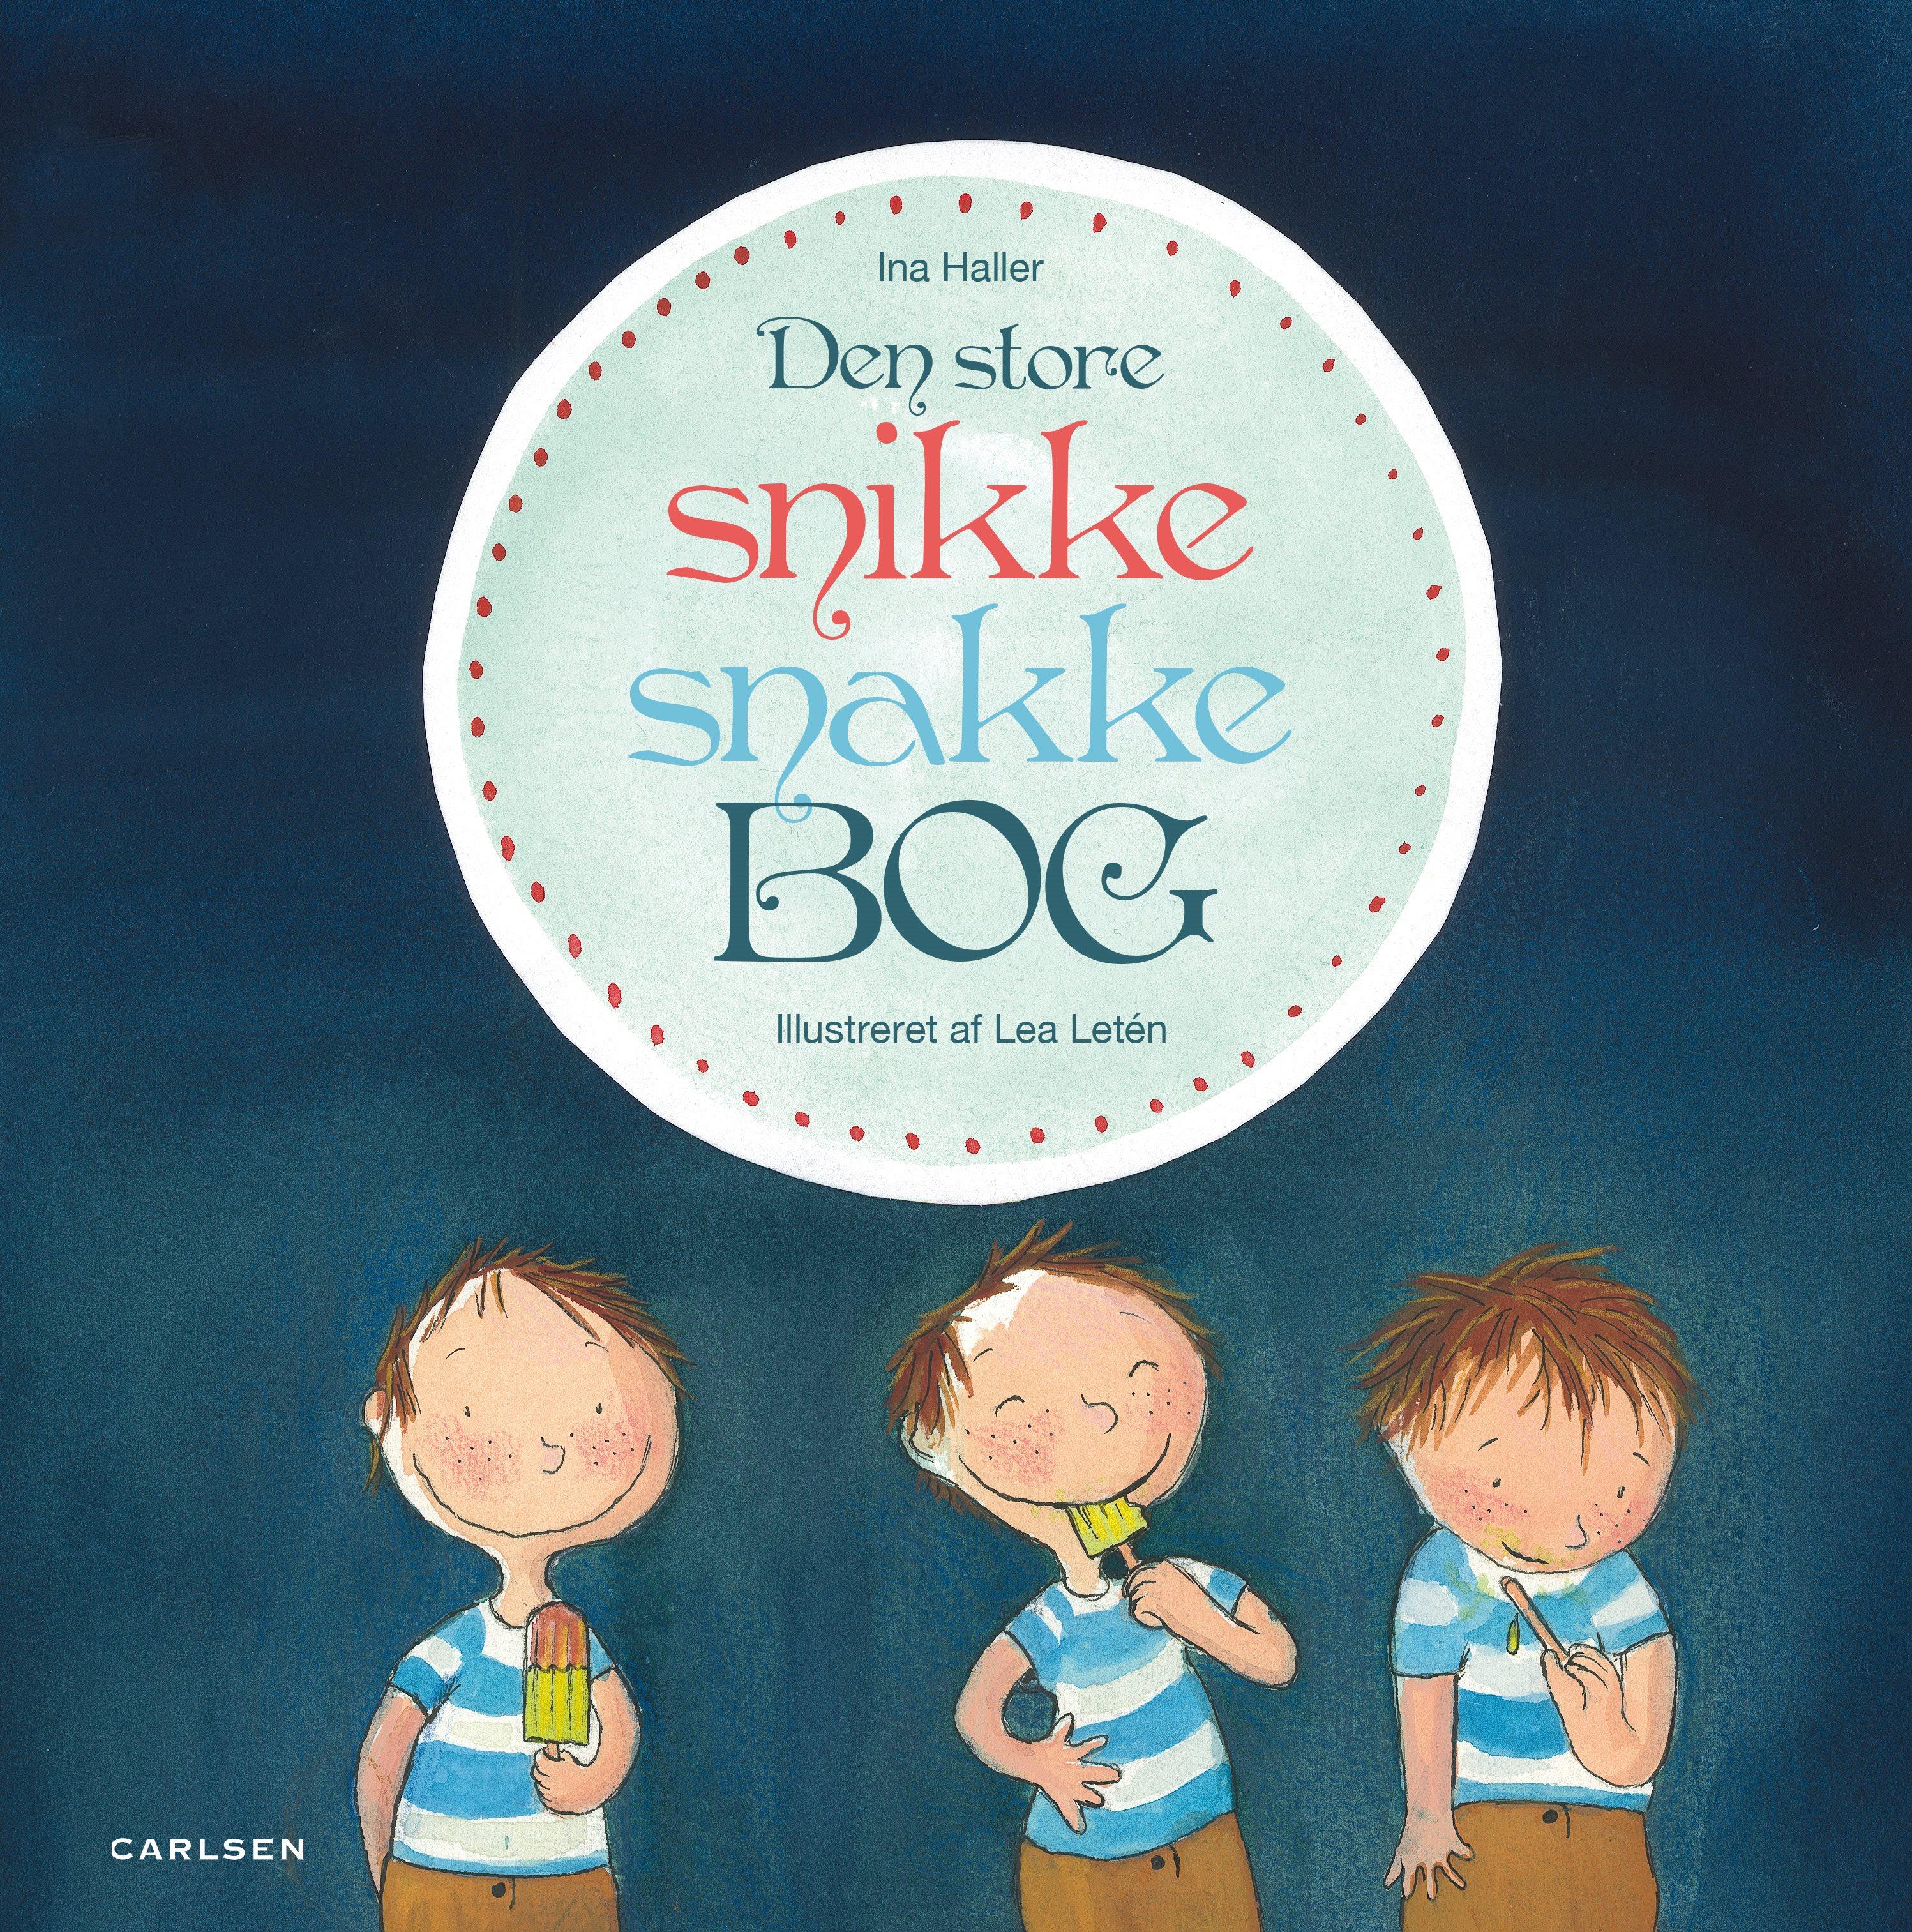 den store snikke snakke bog, dialogisk læsning, højtlæsning, børnebøger, krudtugle, krudt i, børne med krudt i